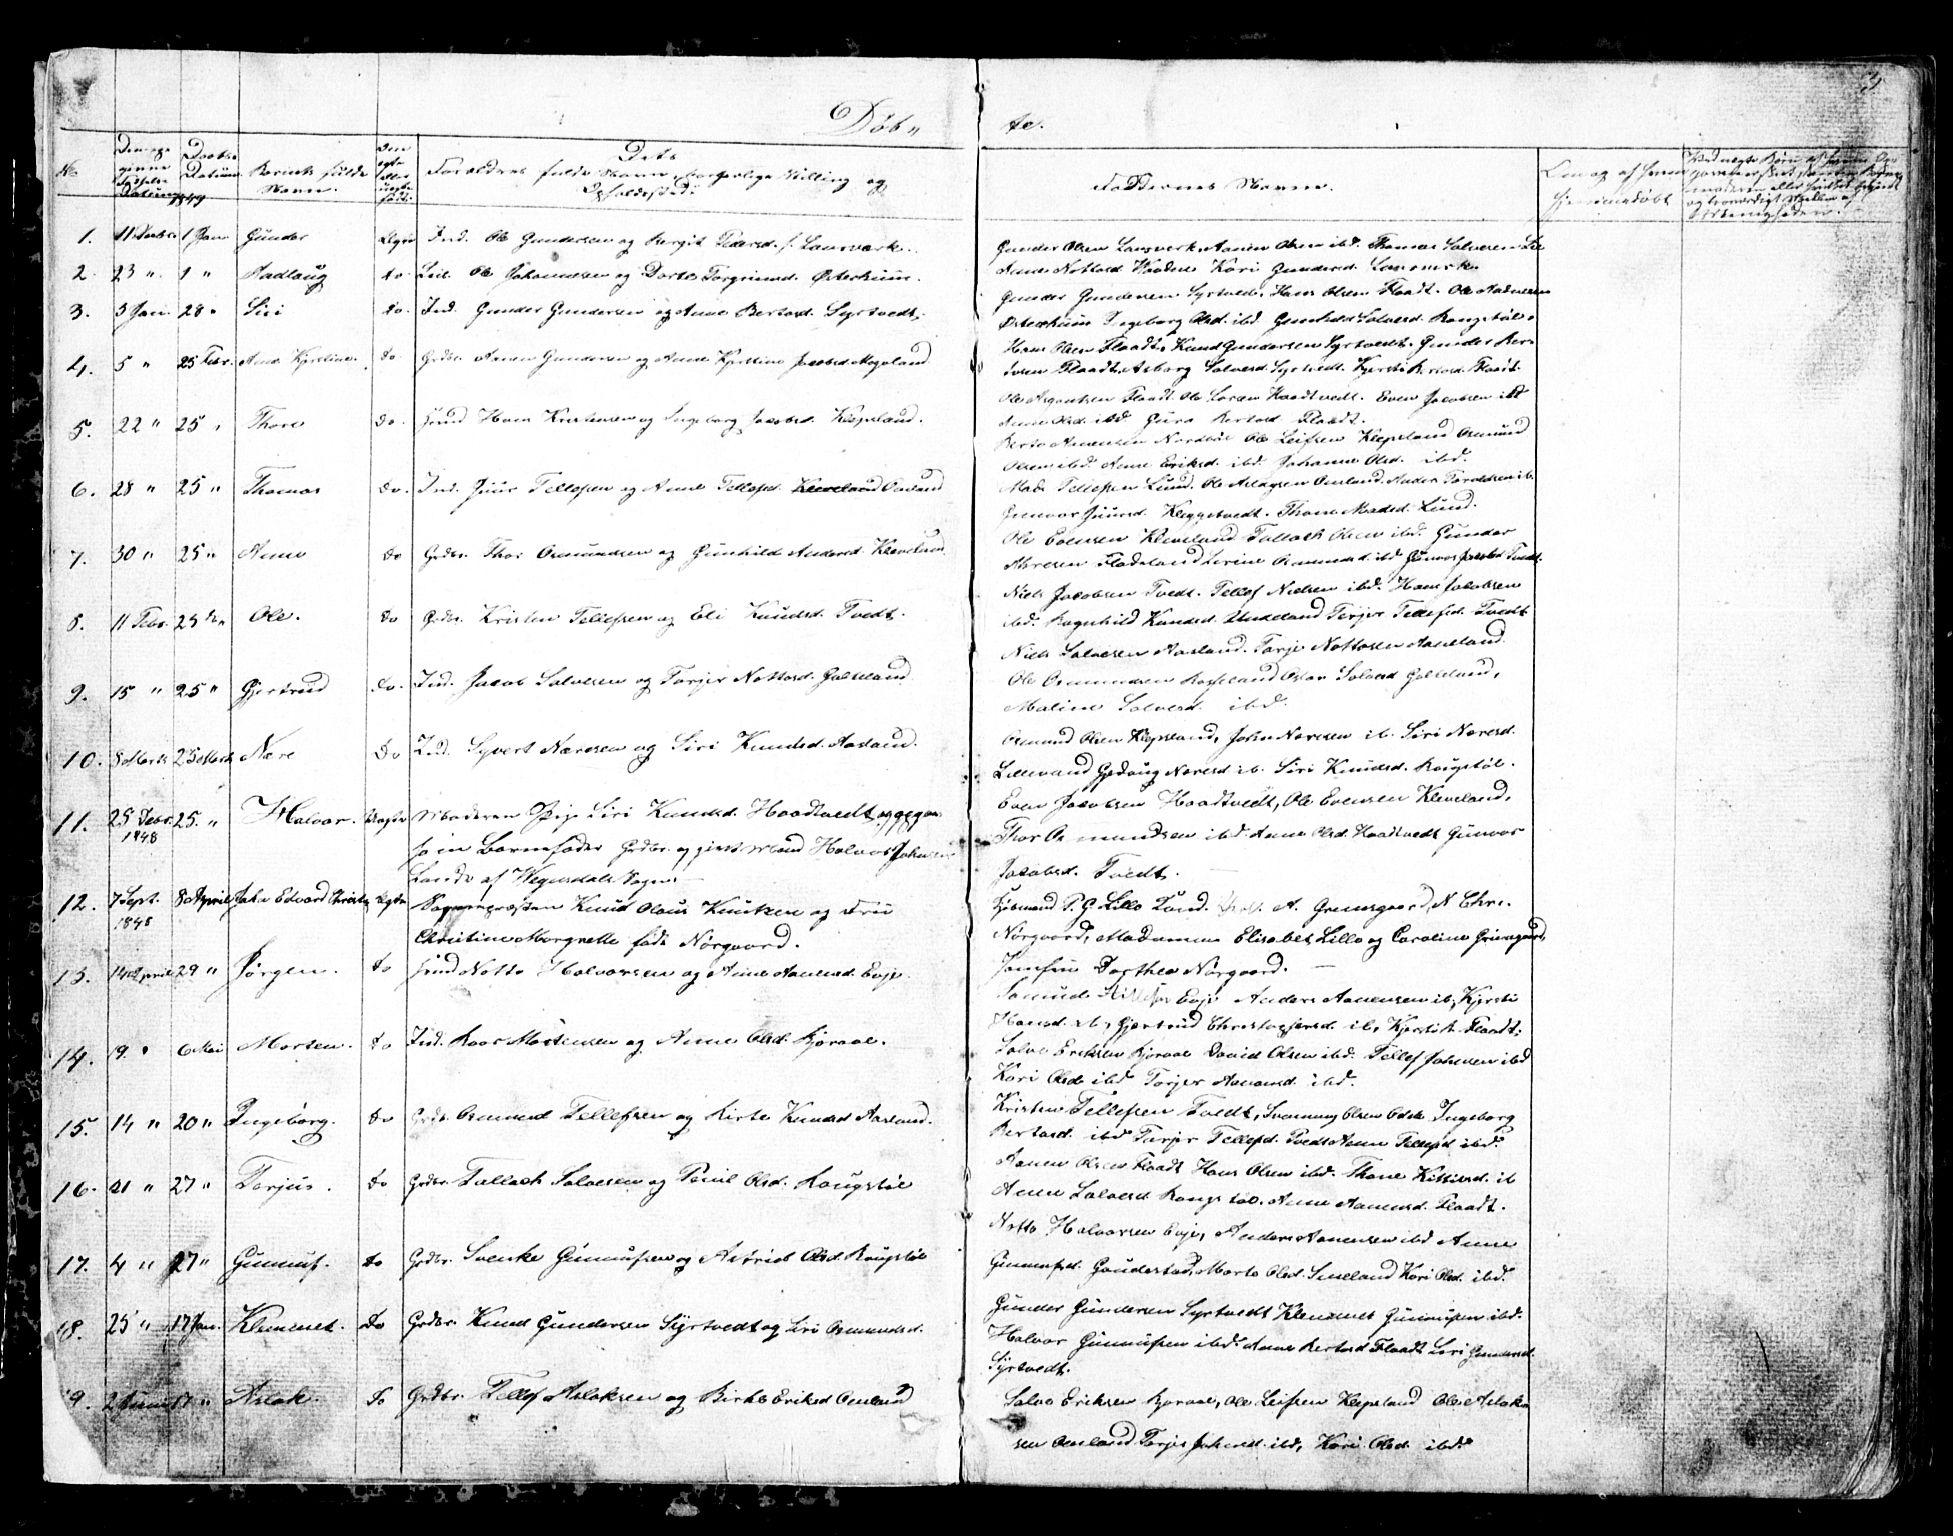 SAK, Evje sokneprestkontor, F/Fb/Fba/L0002: Klokkerbok nr. B 2, 1849-1896, s. 3